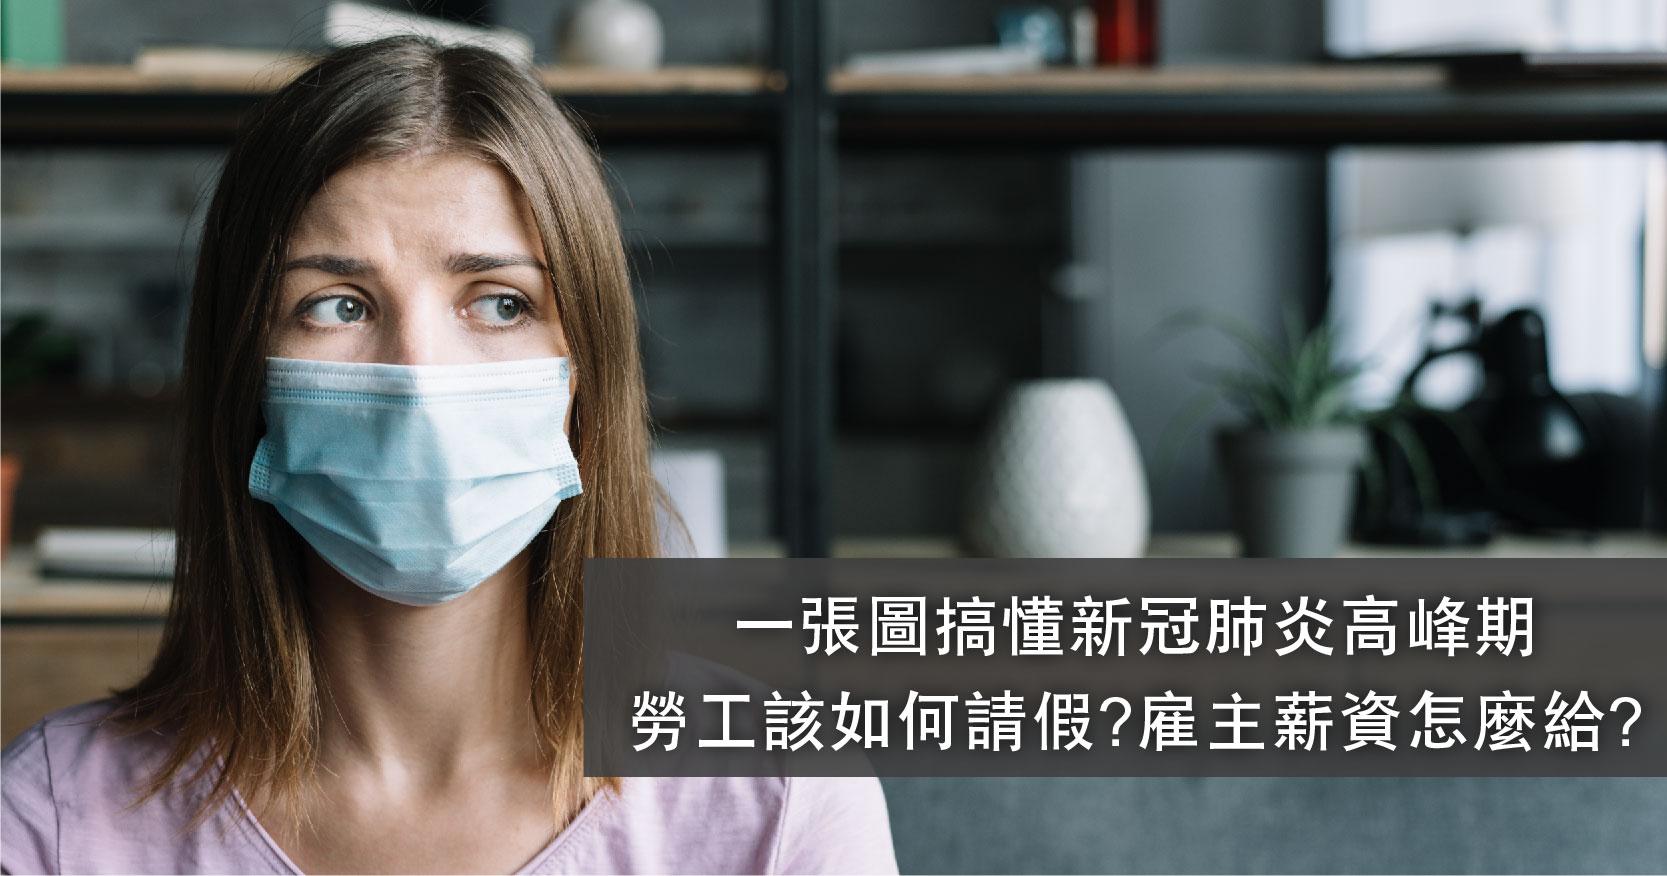 一張圖搞懂新冠肺炎高峰期勞工該如何請假?雇主薪資怎麼給?